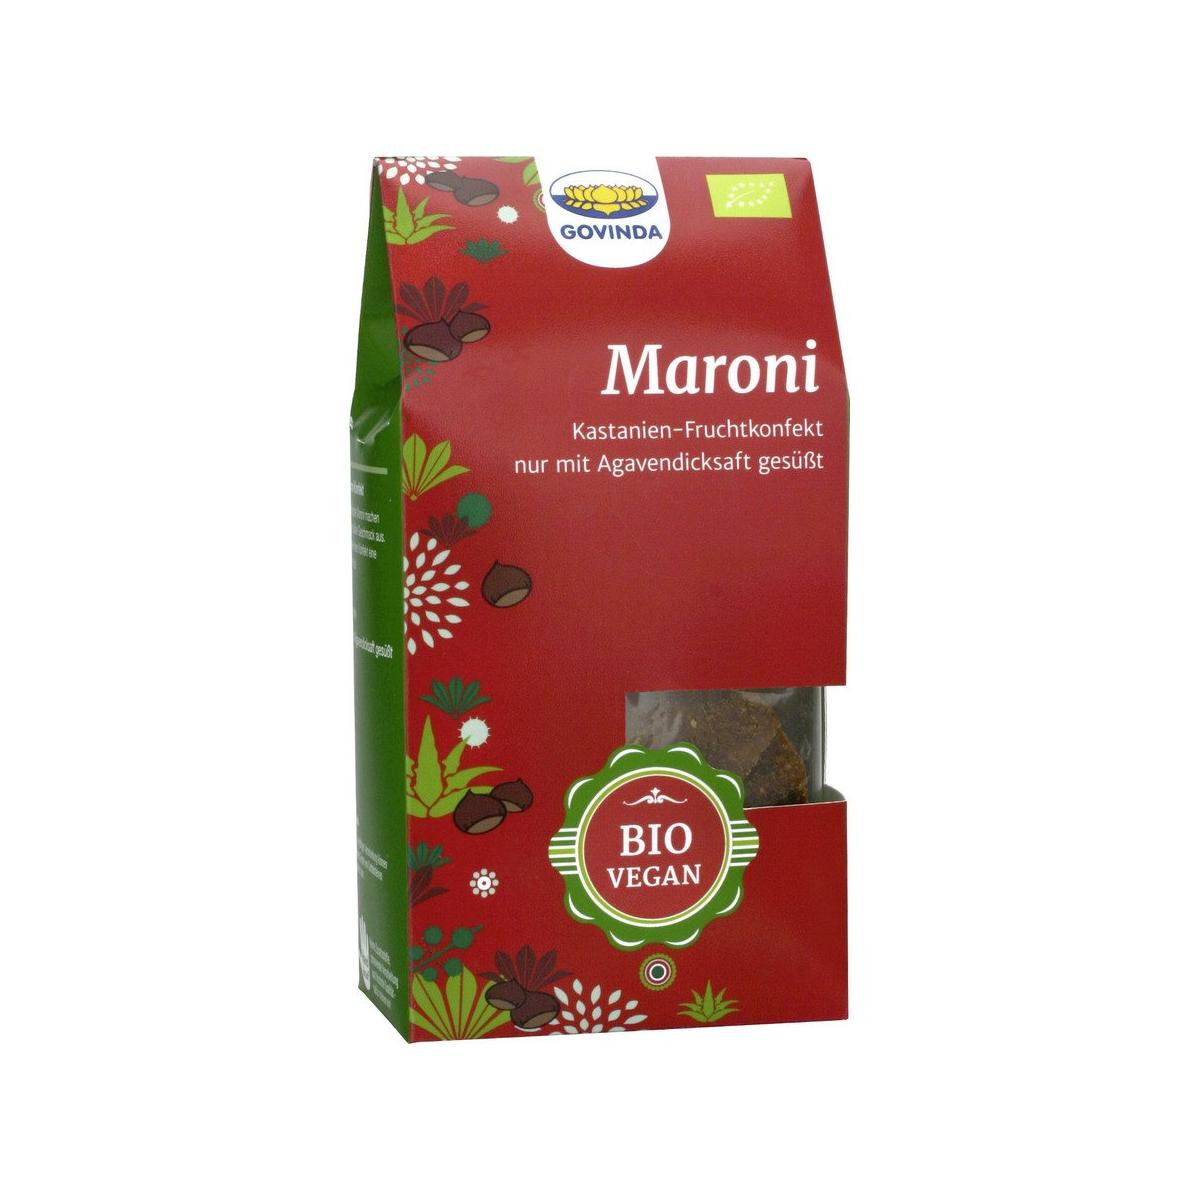 Maroni-Konfekt